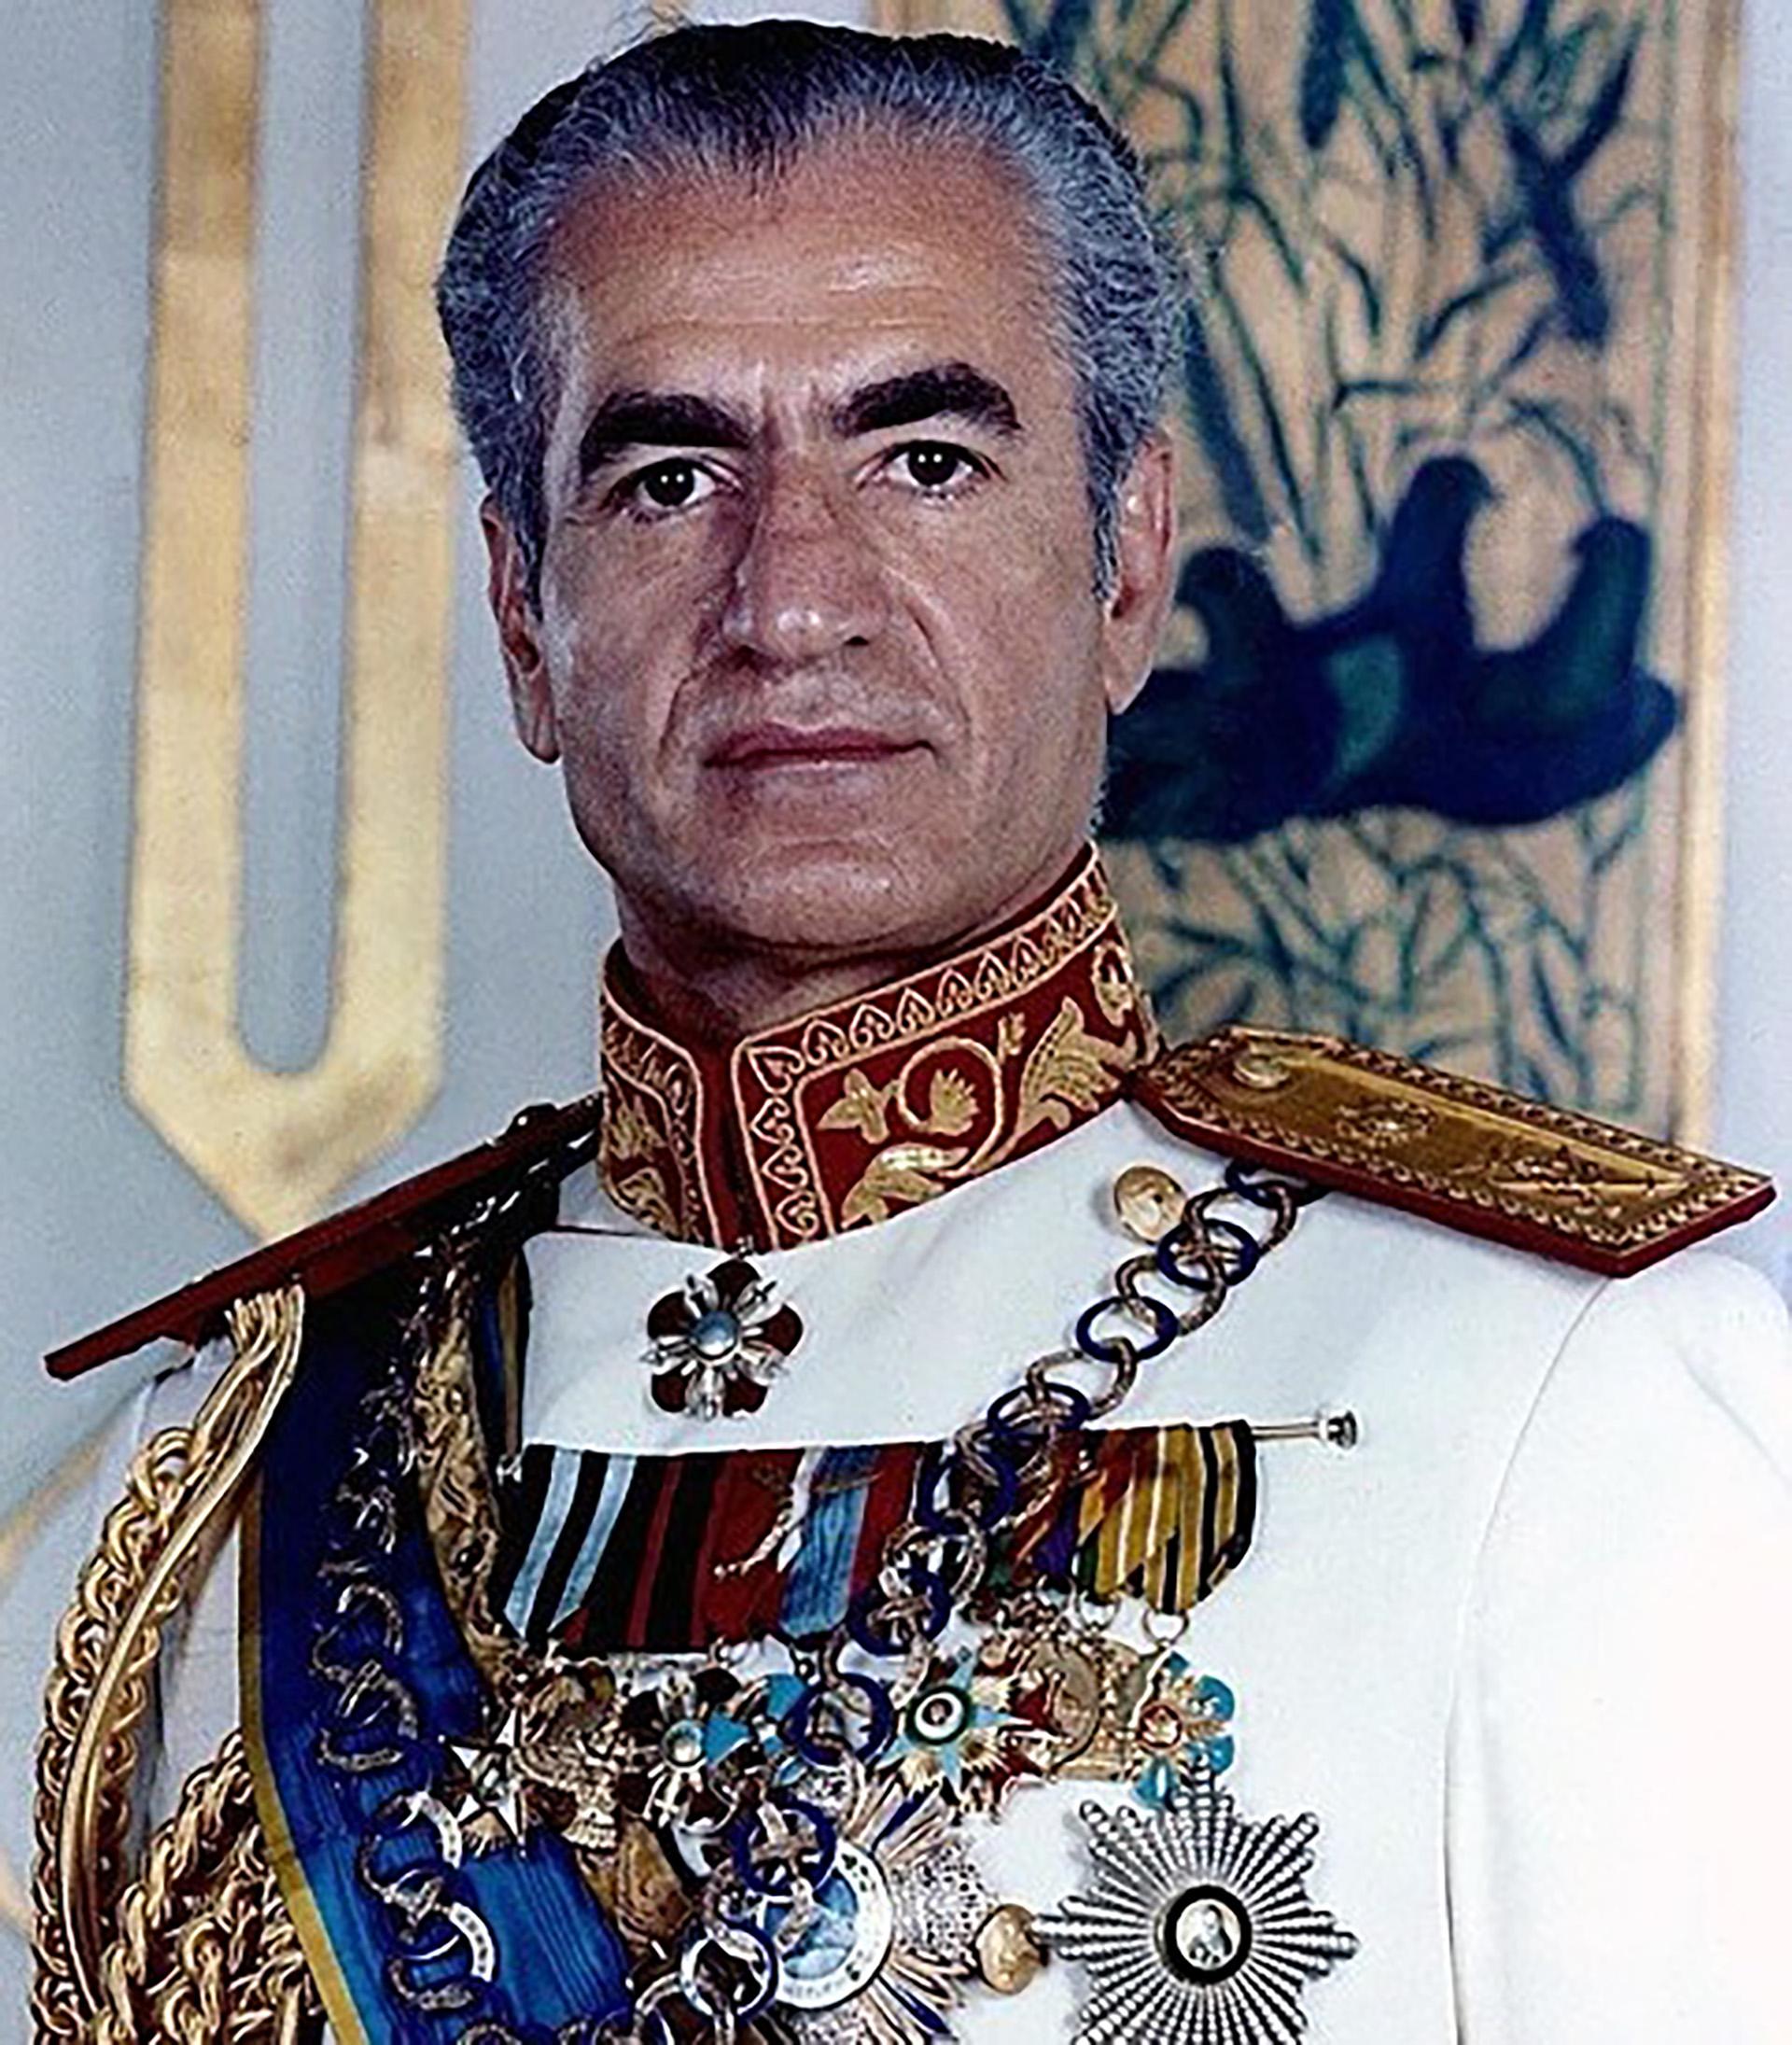 El shah Reza Pahlavi